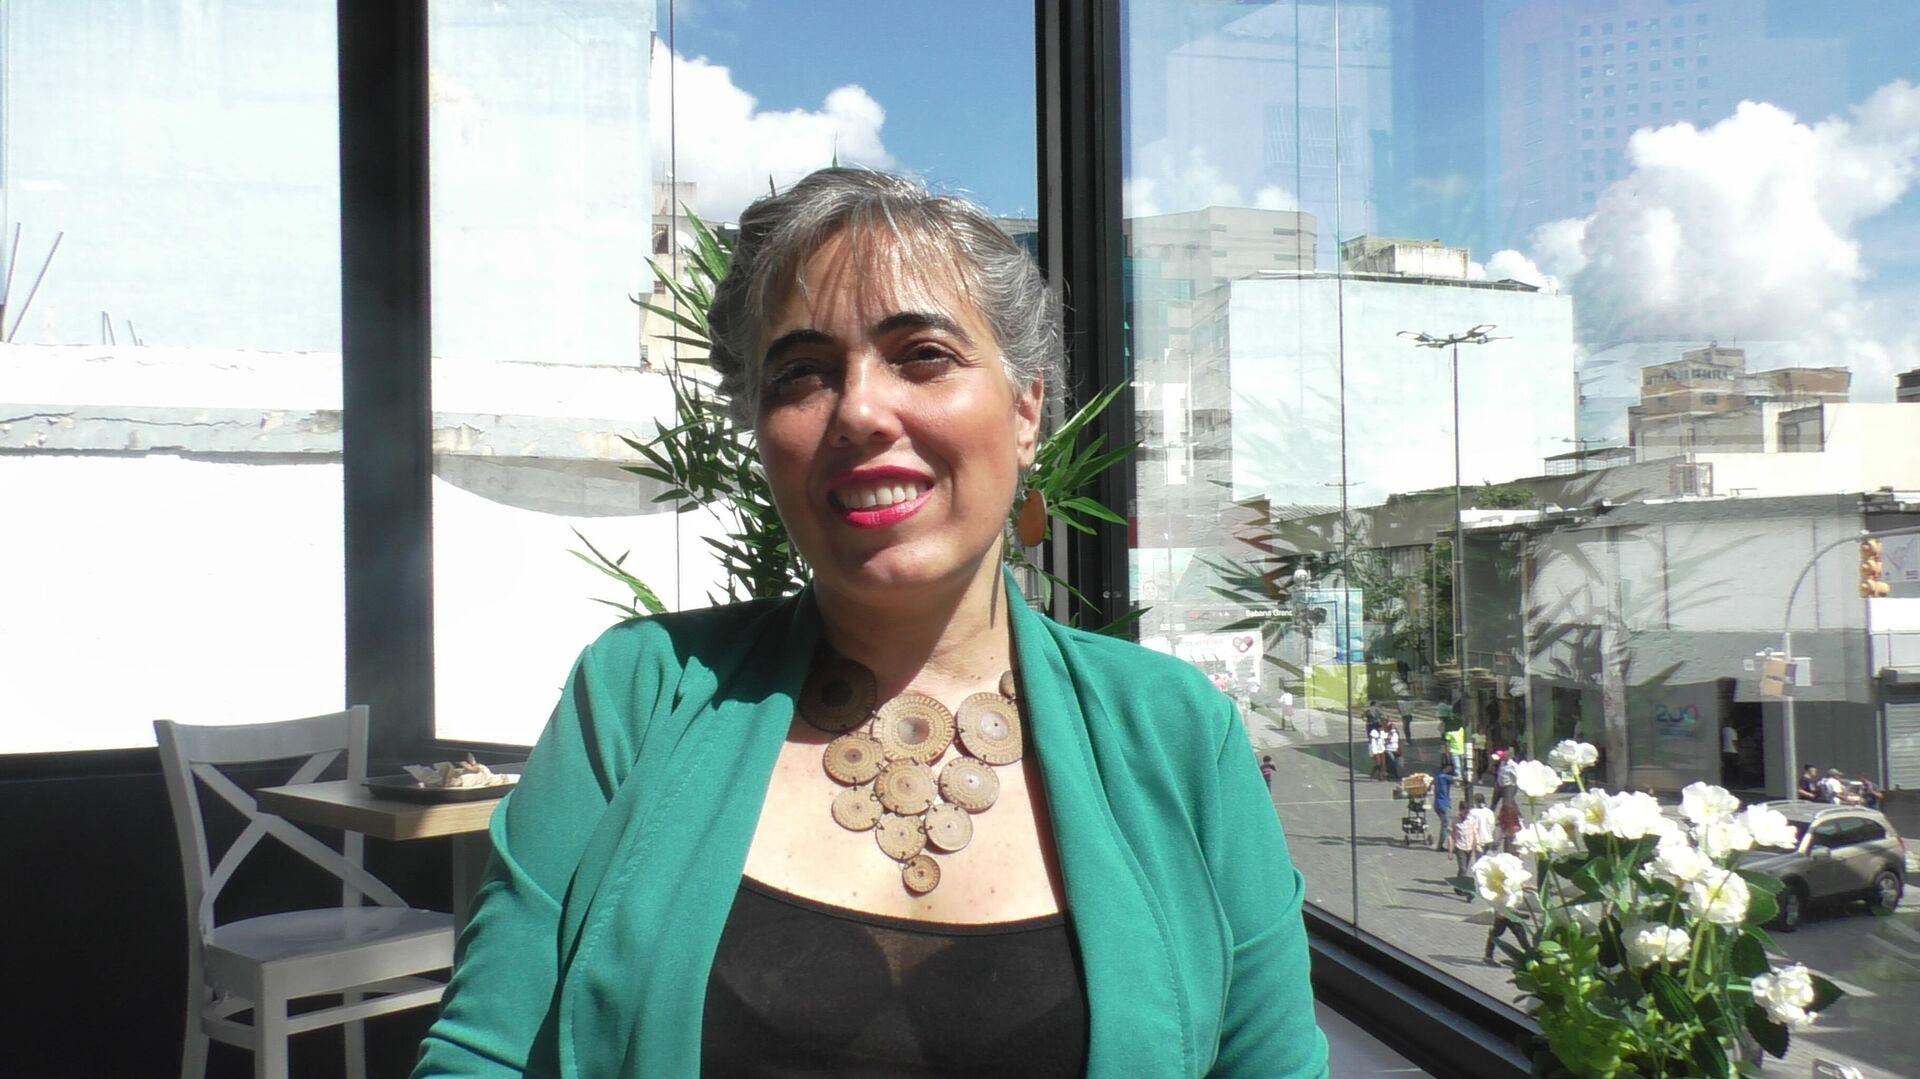 María Fernanda Barreto, investigadora y escritora colombo-venezolana - Sputnik Mundo, 1920, 23.09.2021